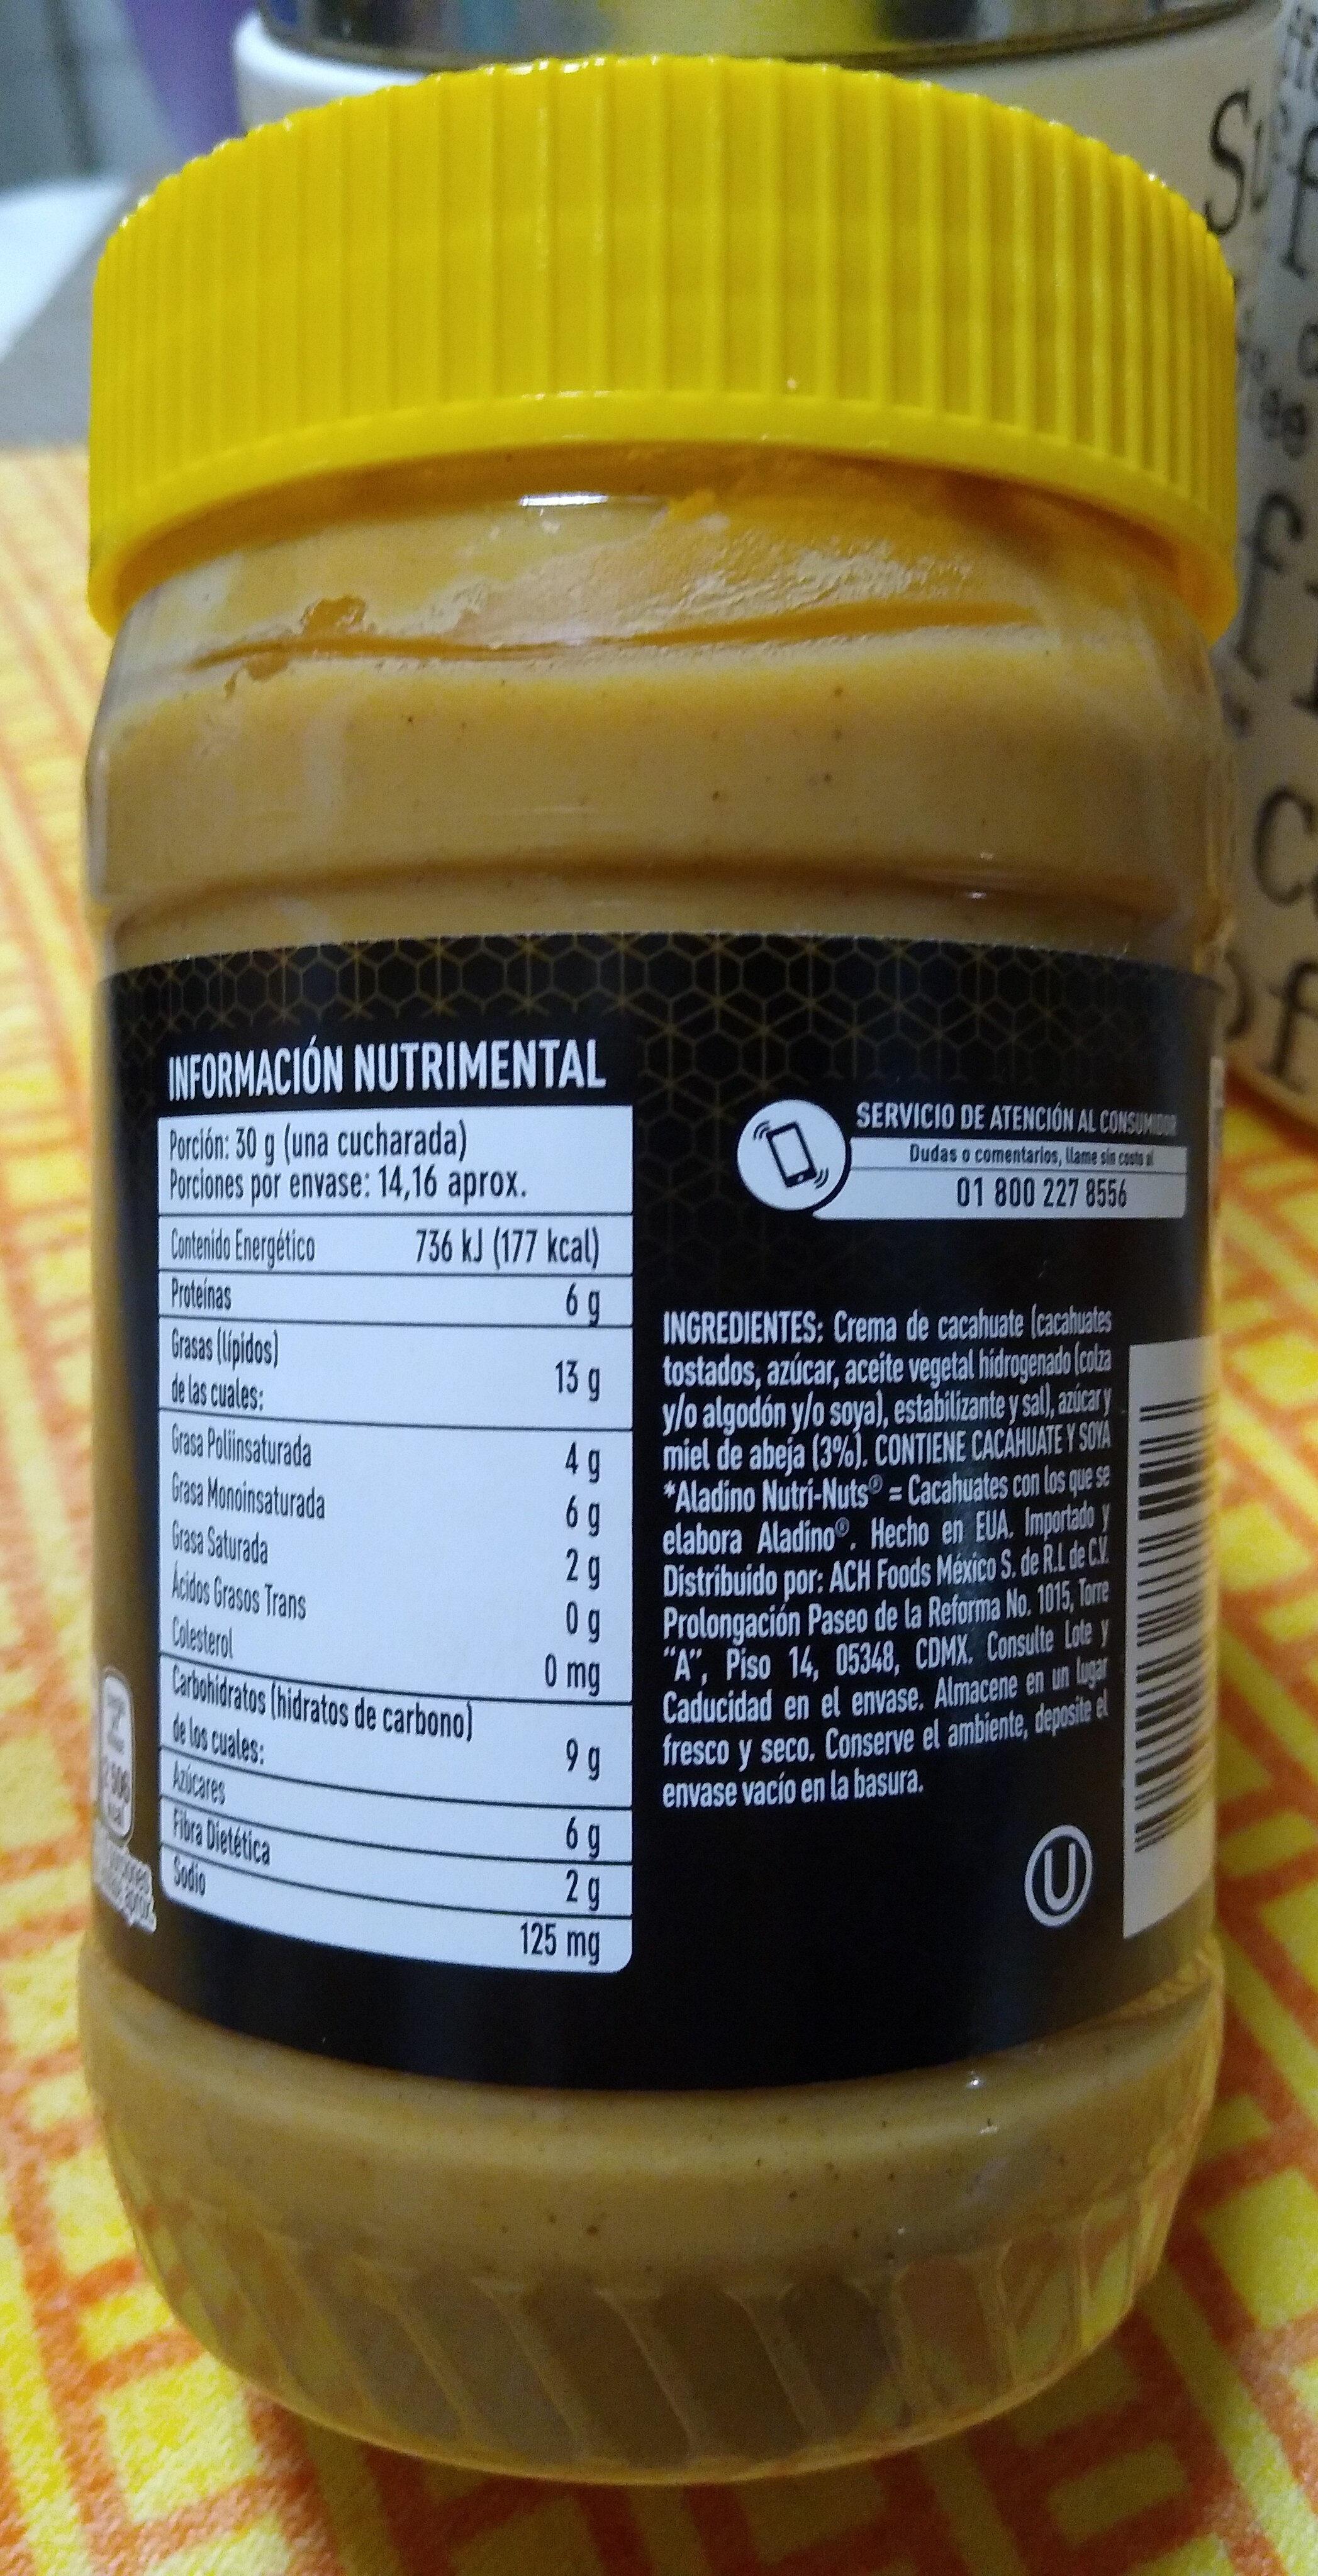 crema de cacahuate con miel de abeja - Información nutricional - es